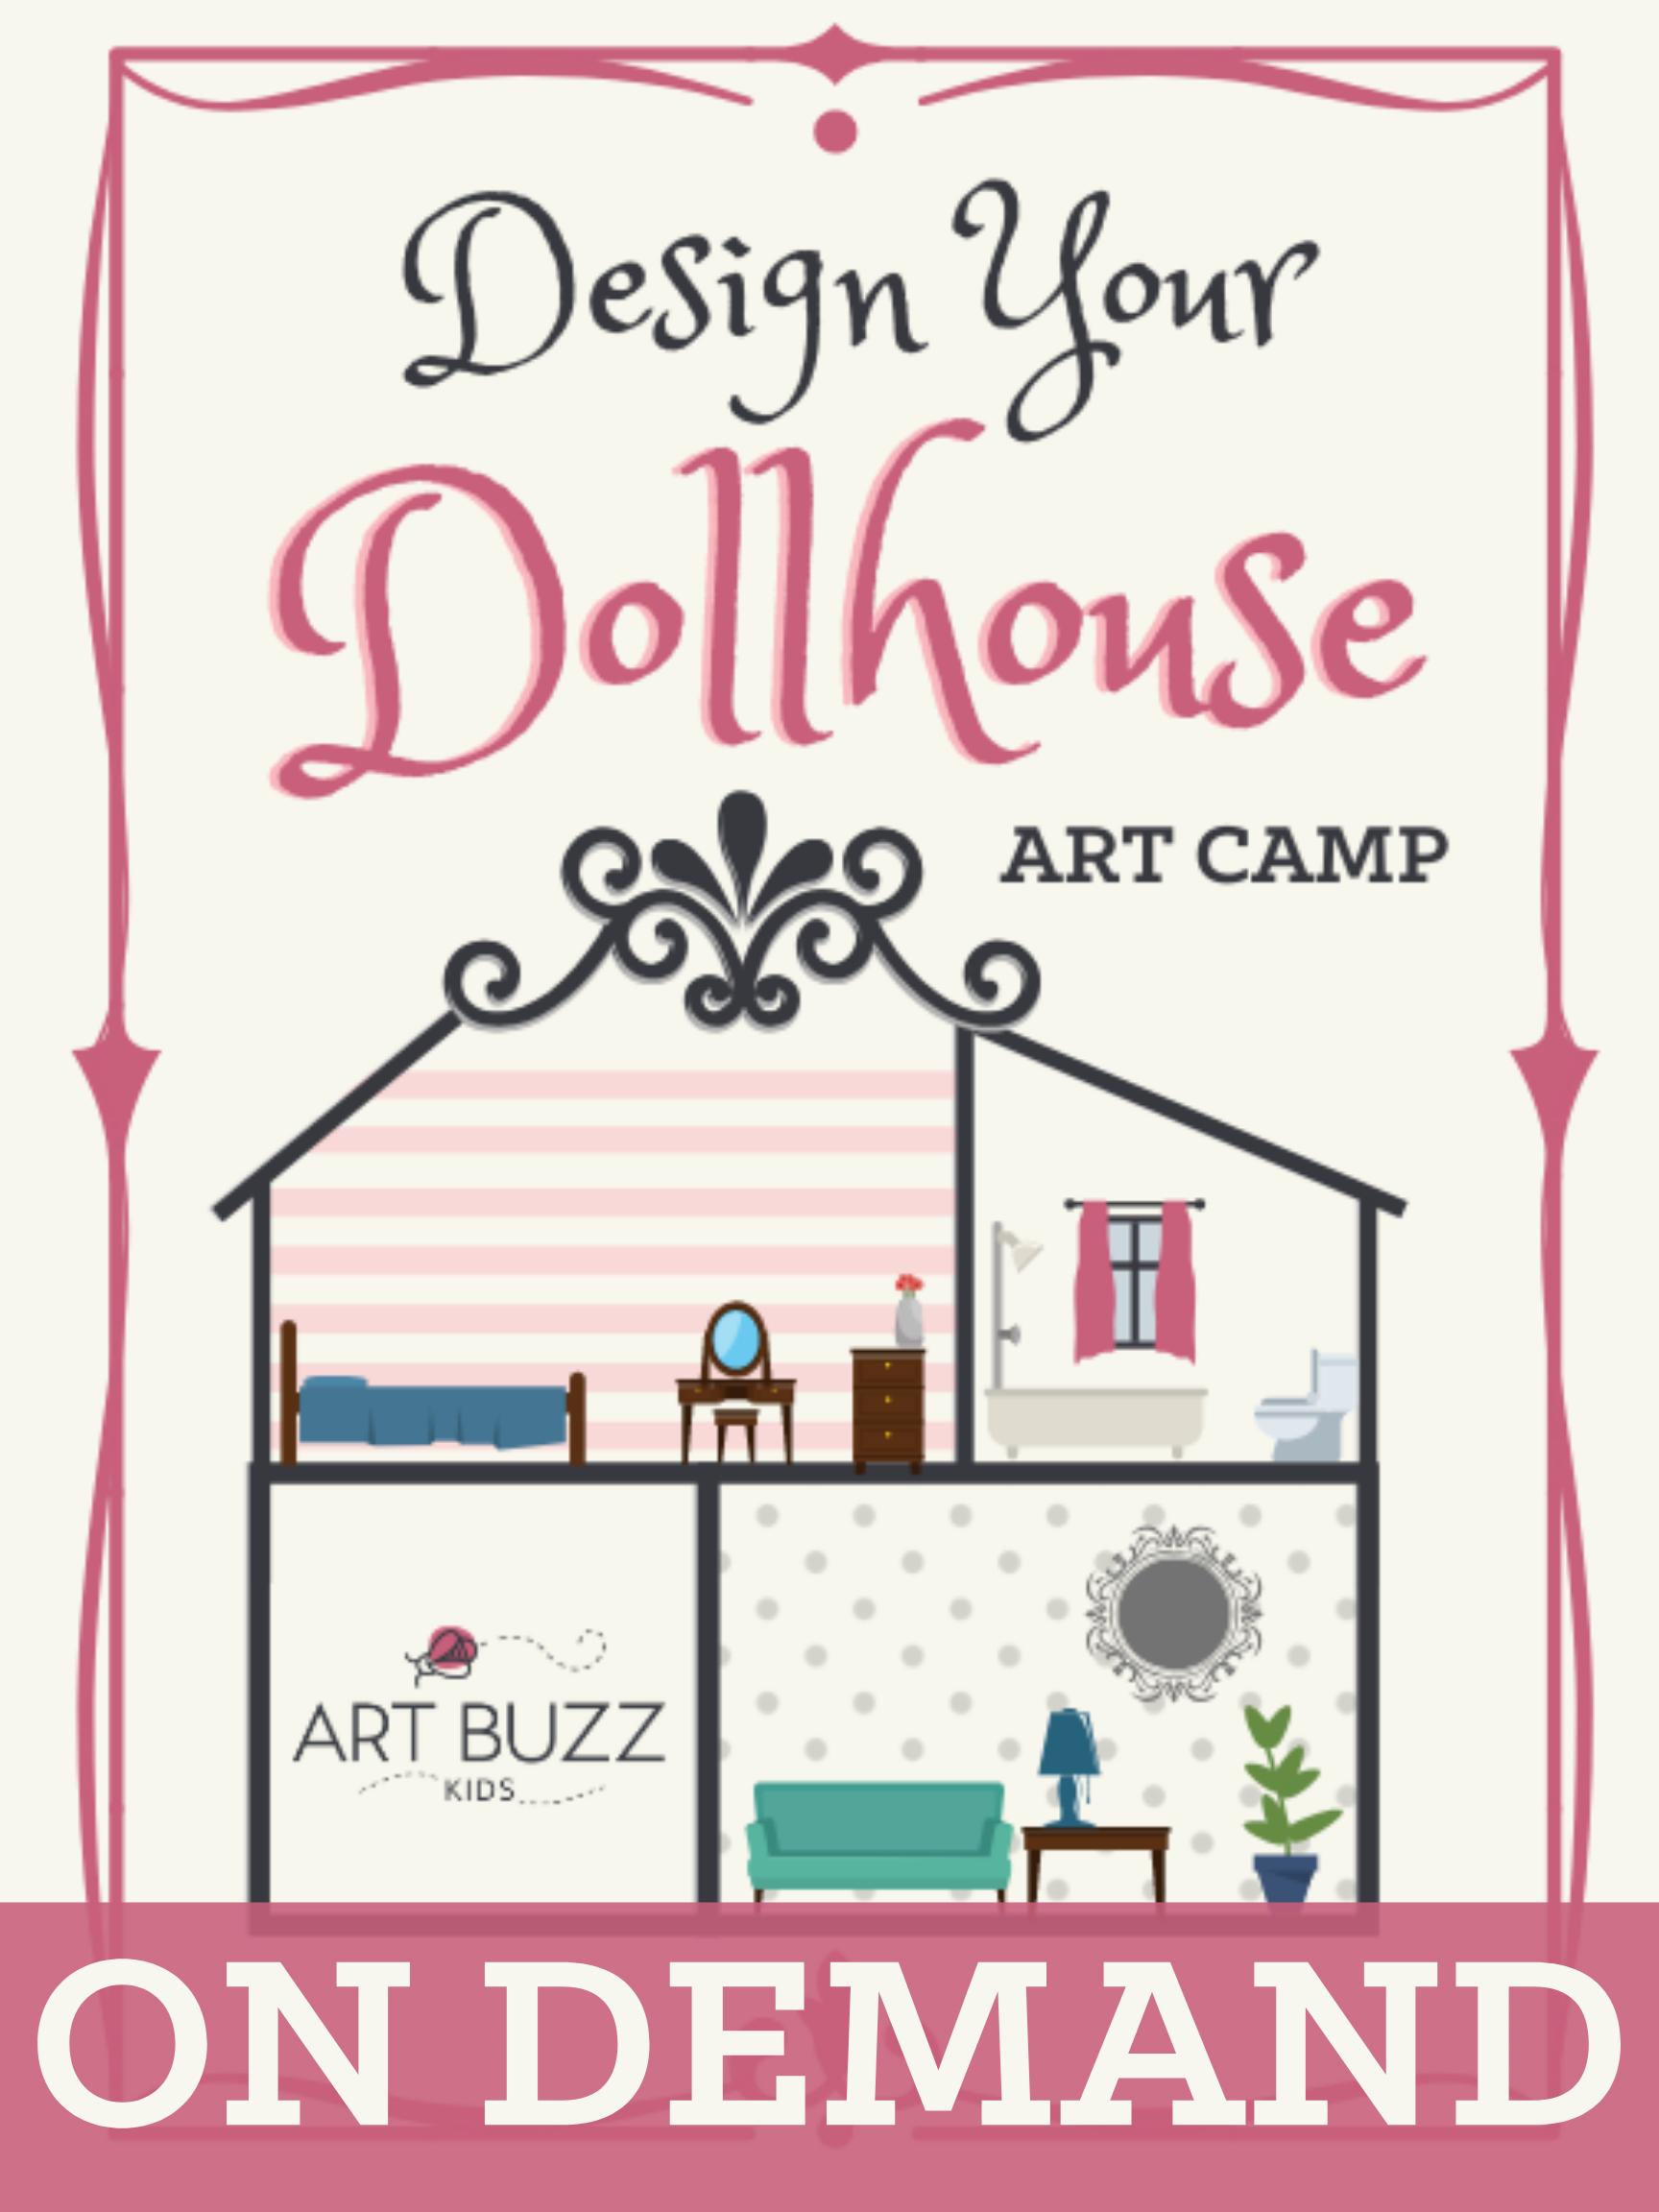 Dollhouse / Dreamhouse ON-DEMAND Camp